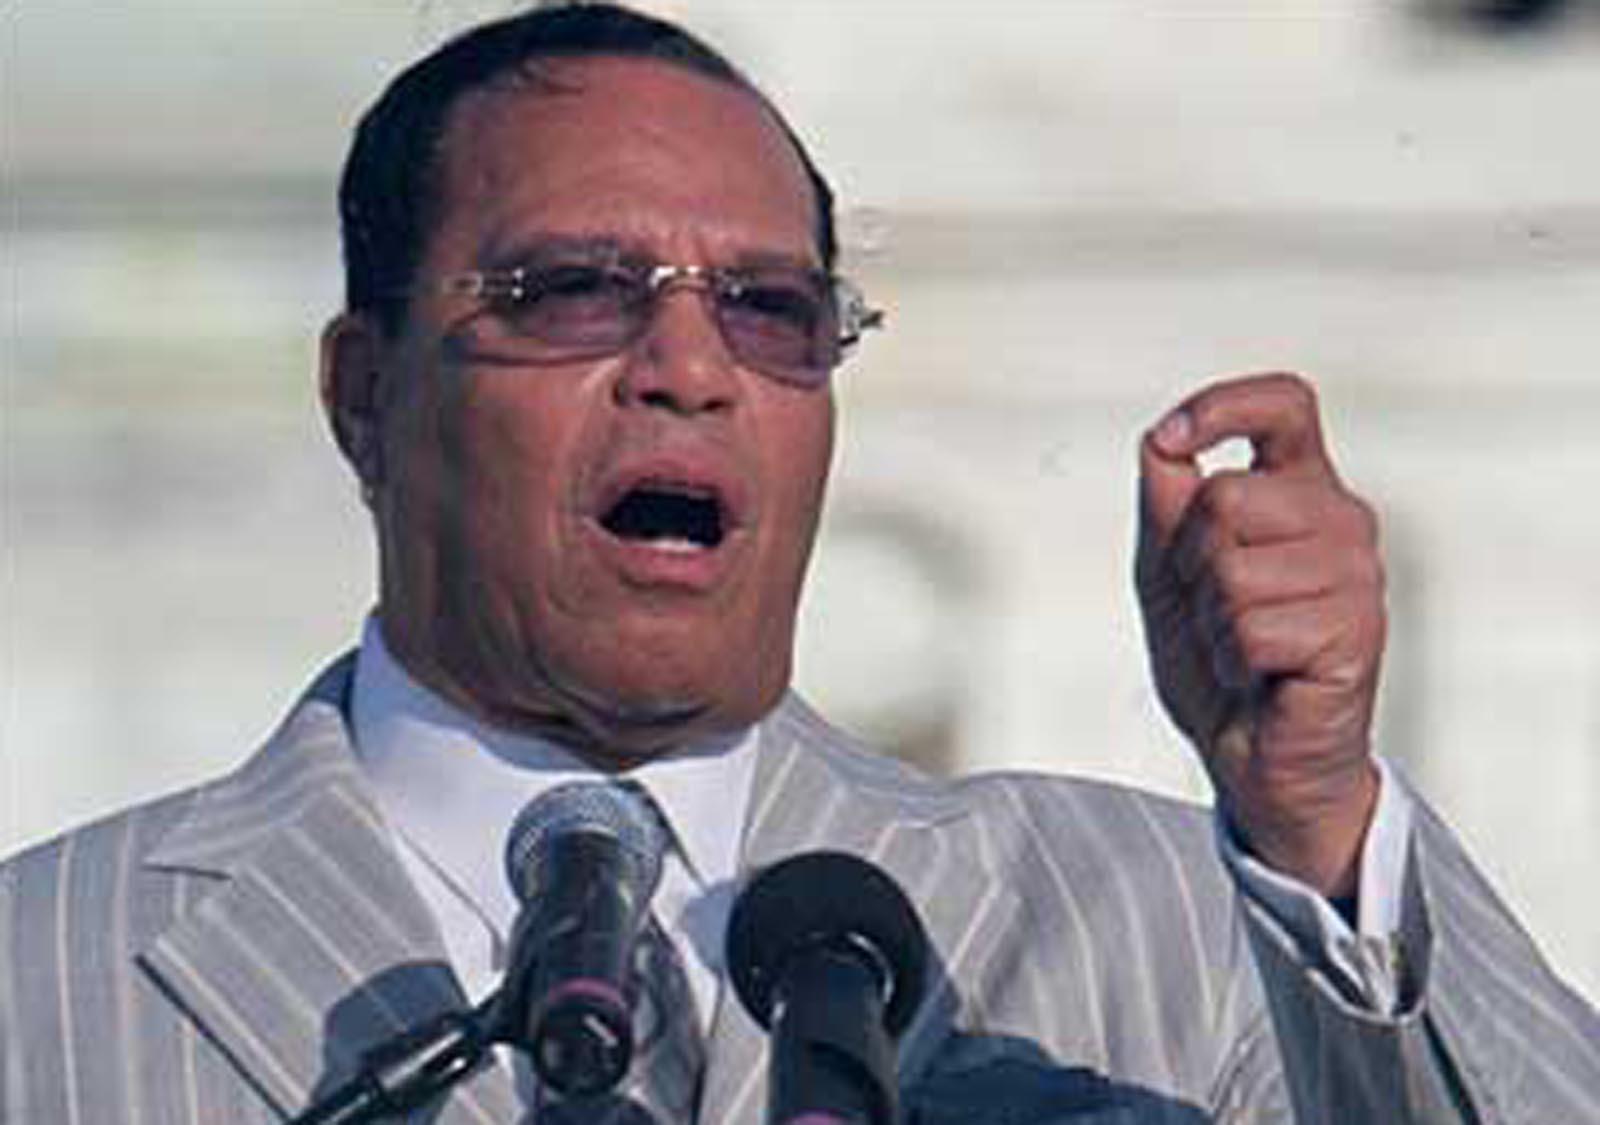 Farrakhan slams West over Qaddafi's death - CBS News